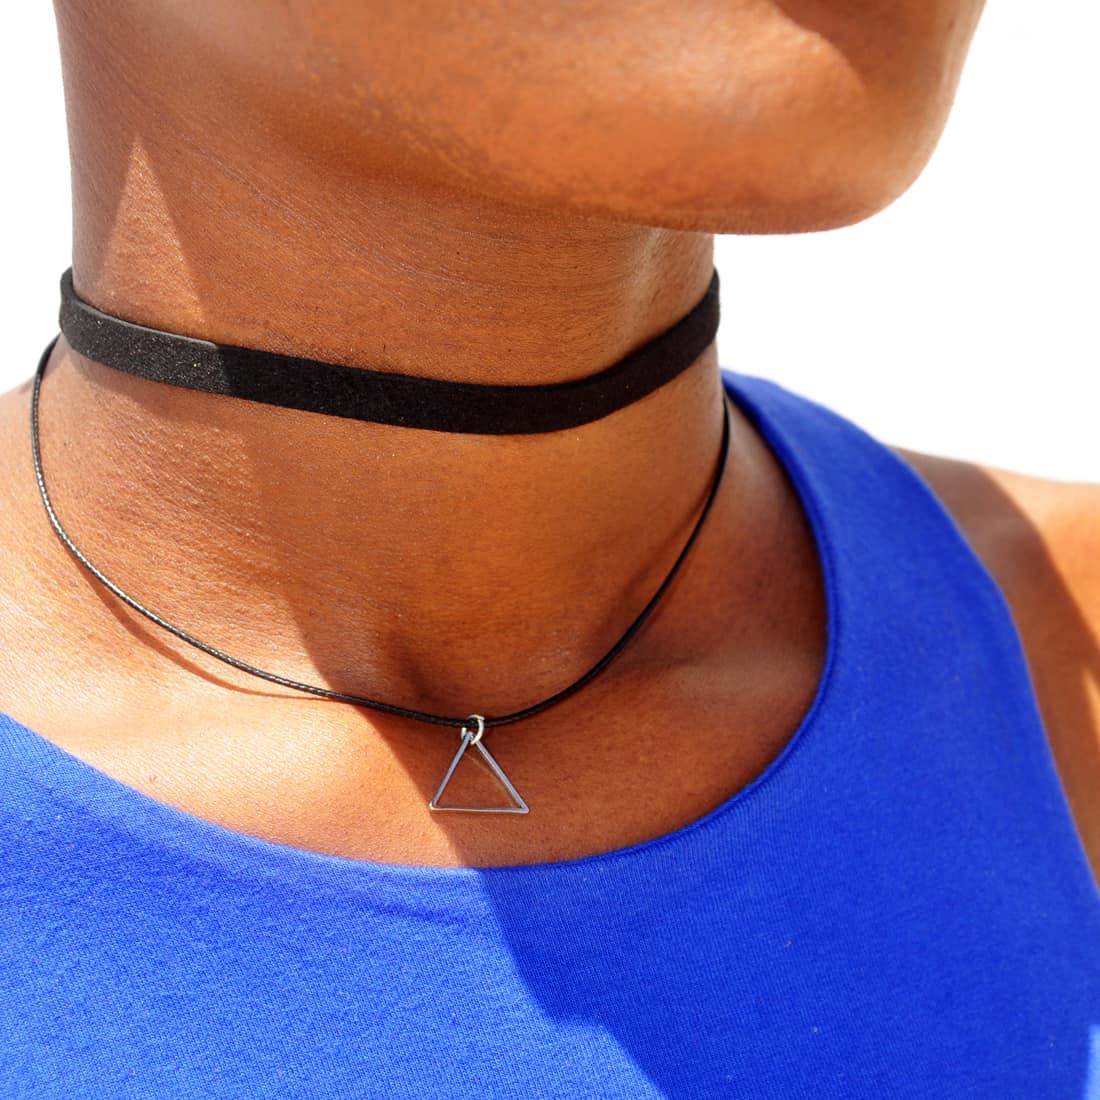 M0344 black14 Necklaces Chokers Jewelry Sets maureens.com boutique